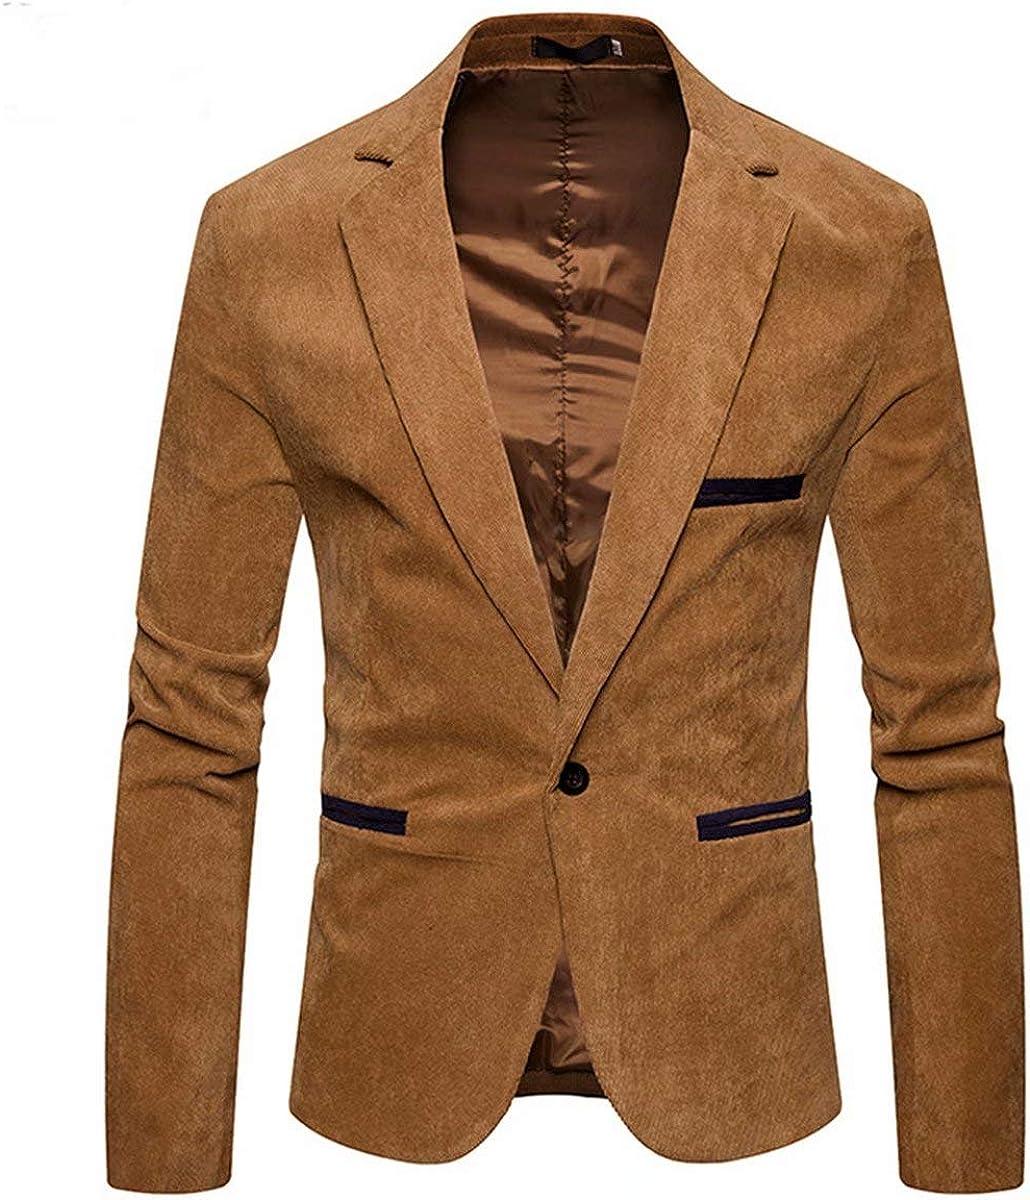 Men's Corduroy Suit Blazer Jacket Vintage Casual Slim Fit Autumn Winter Sport Coat